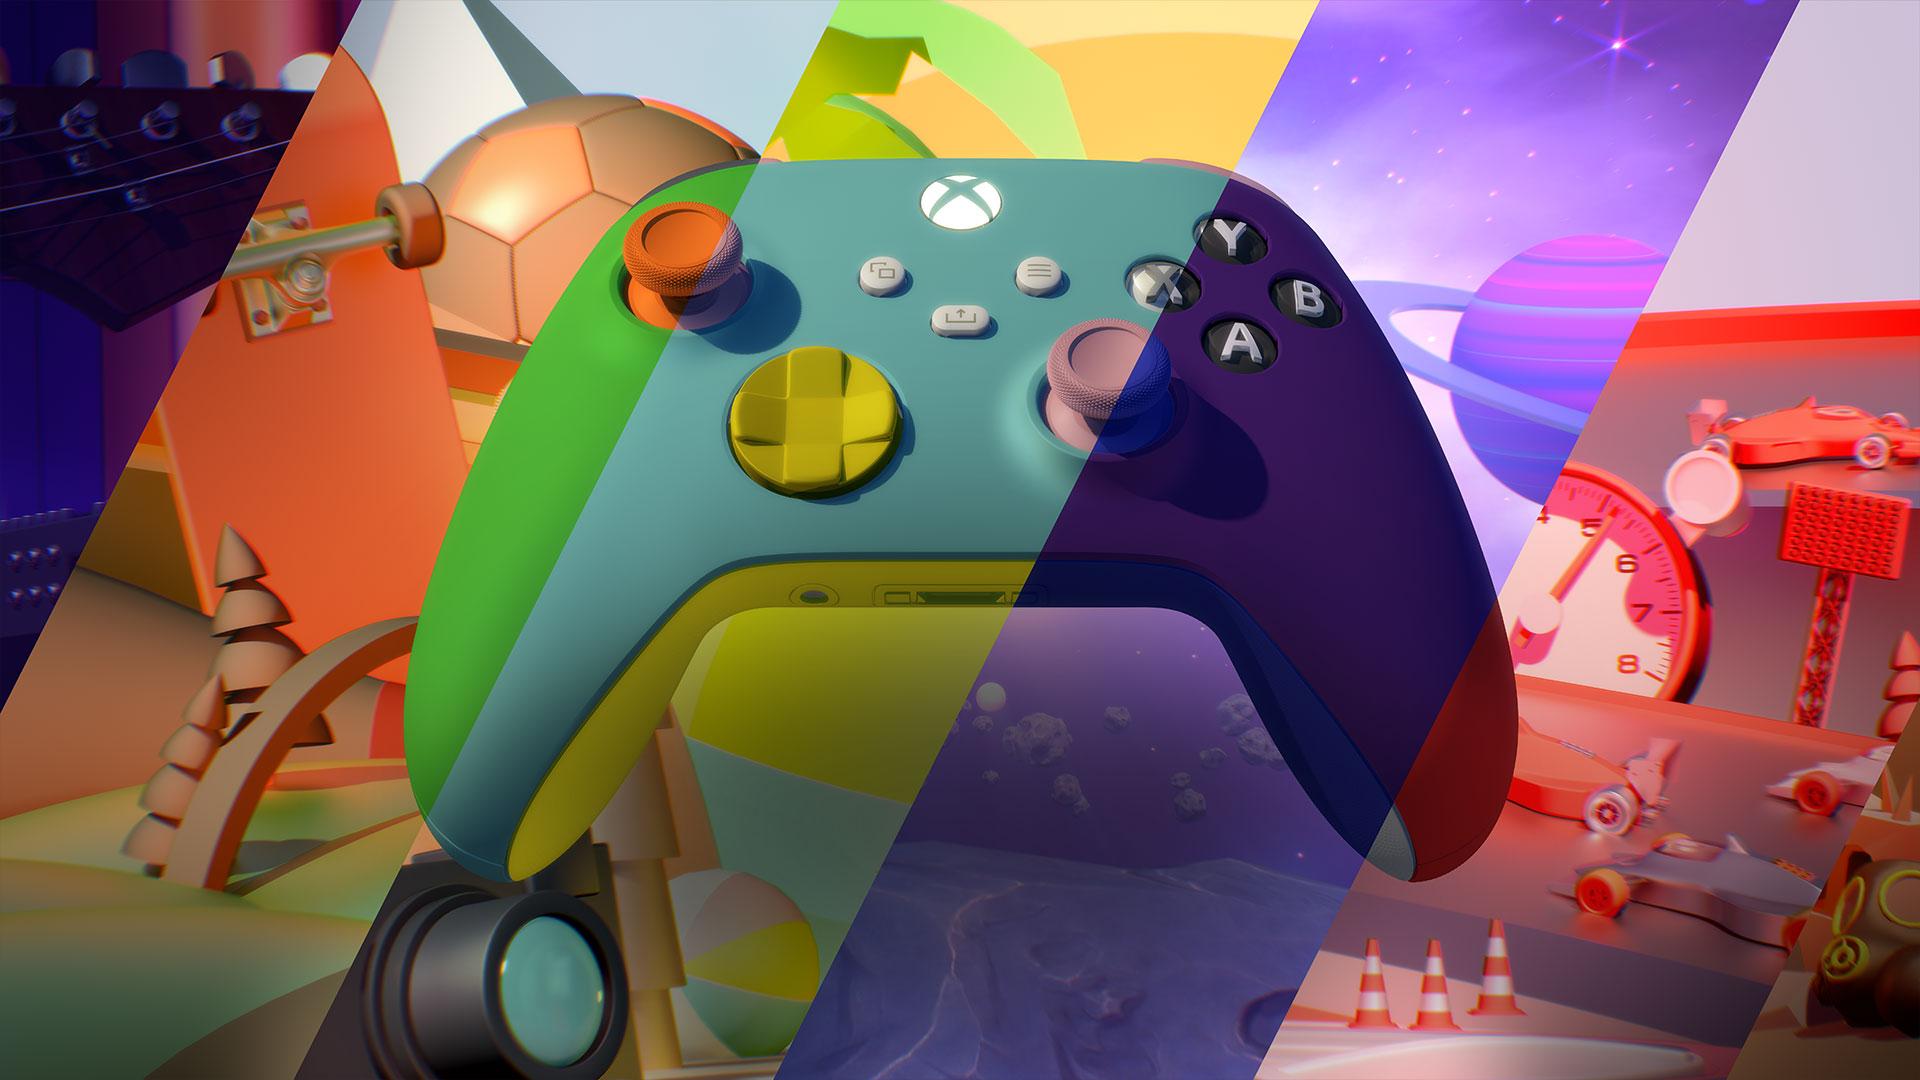 Représentation artistique de mains montrant une manette sans fil personnalisée Xbox Design Lab